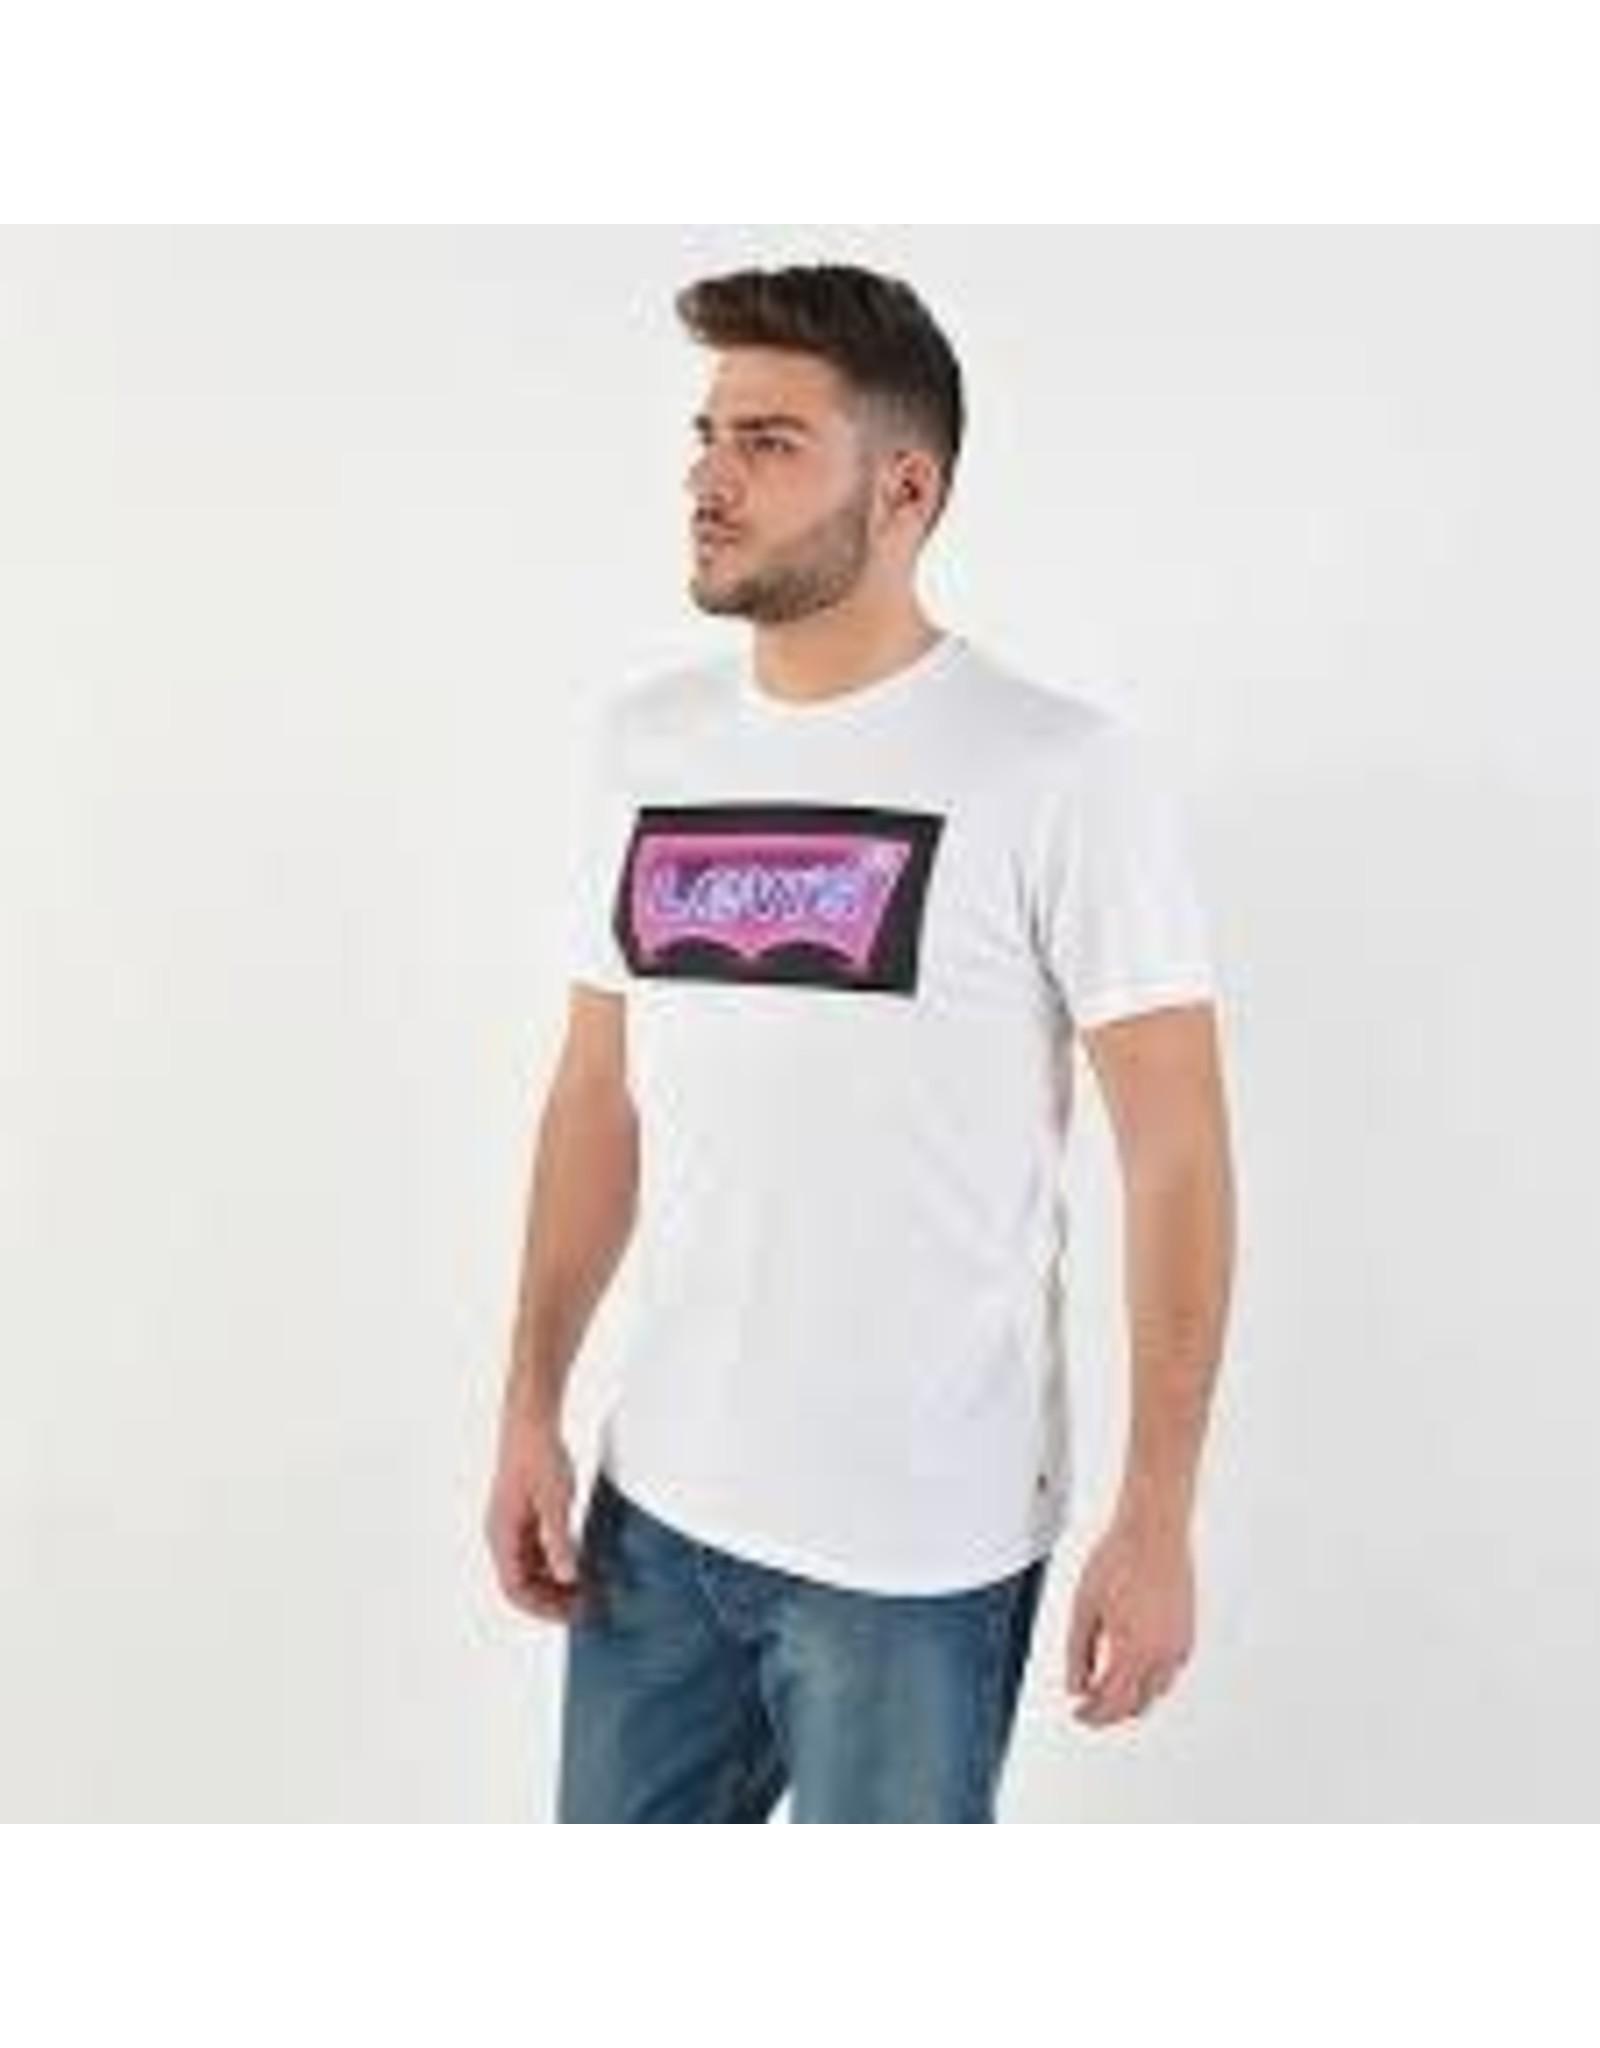 levi's Levi's - t-shirt  graphic set-in neck 2 hm photo